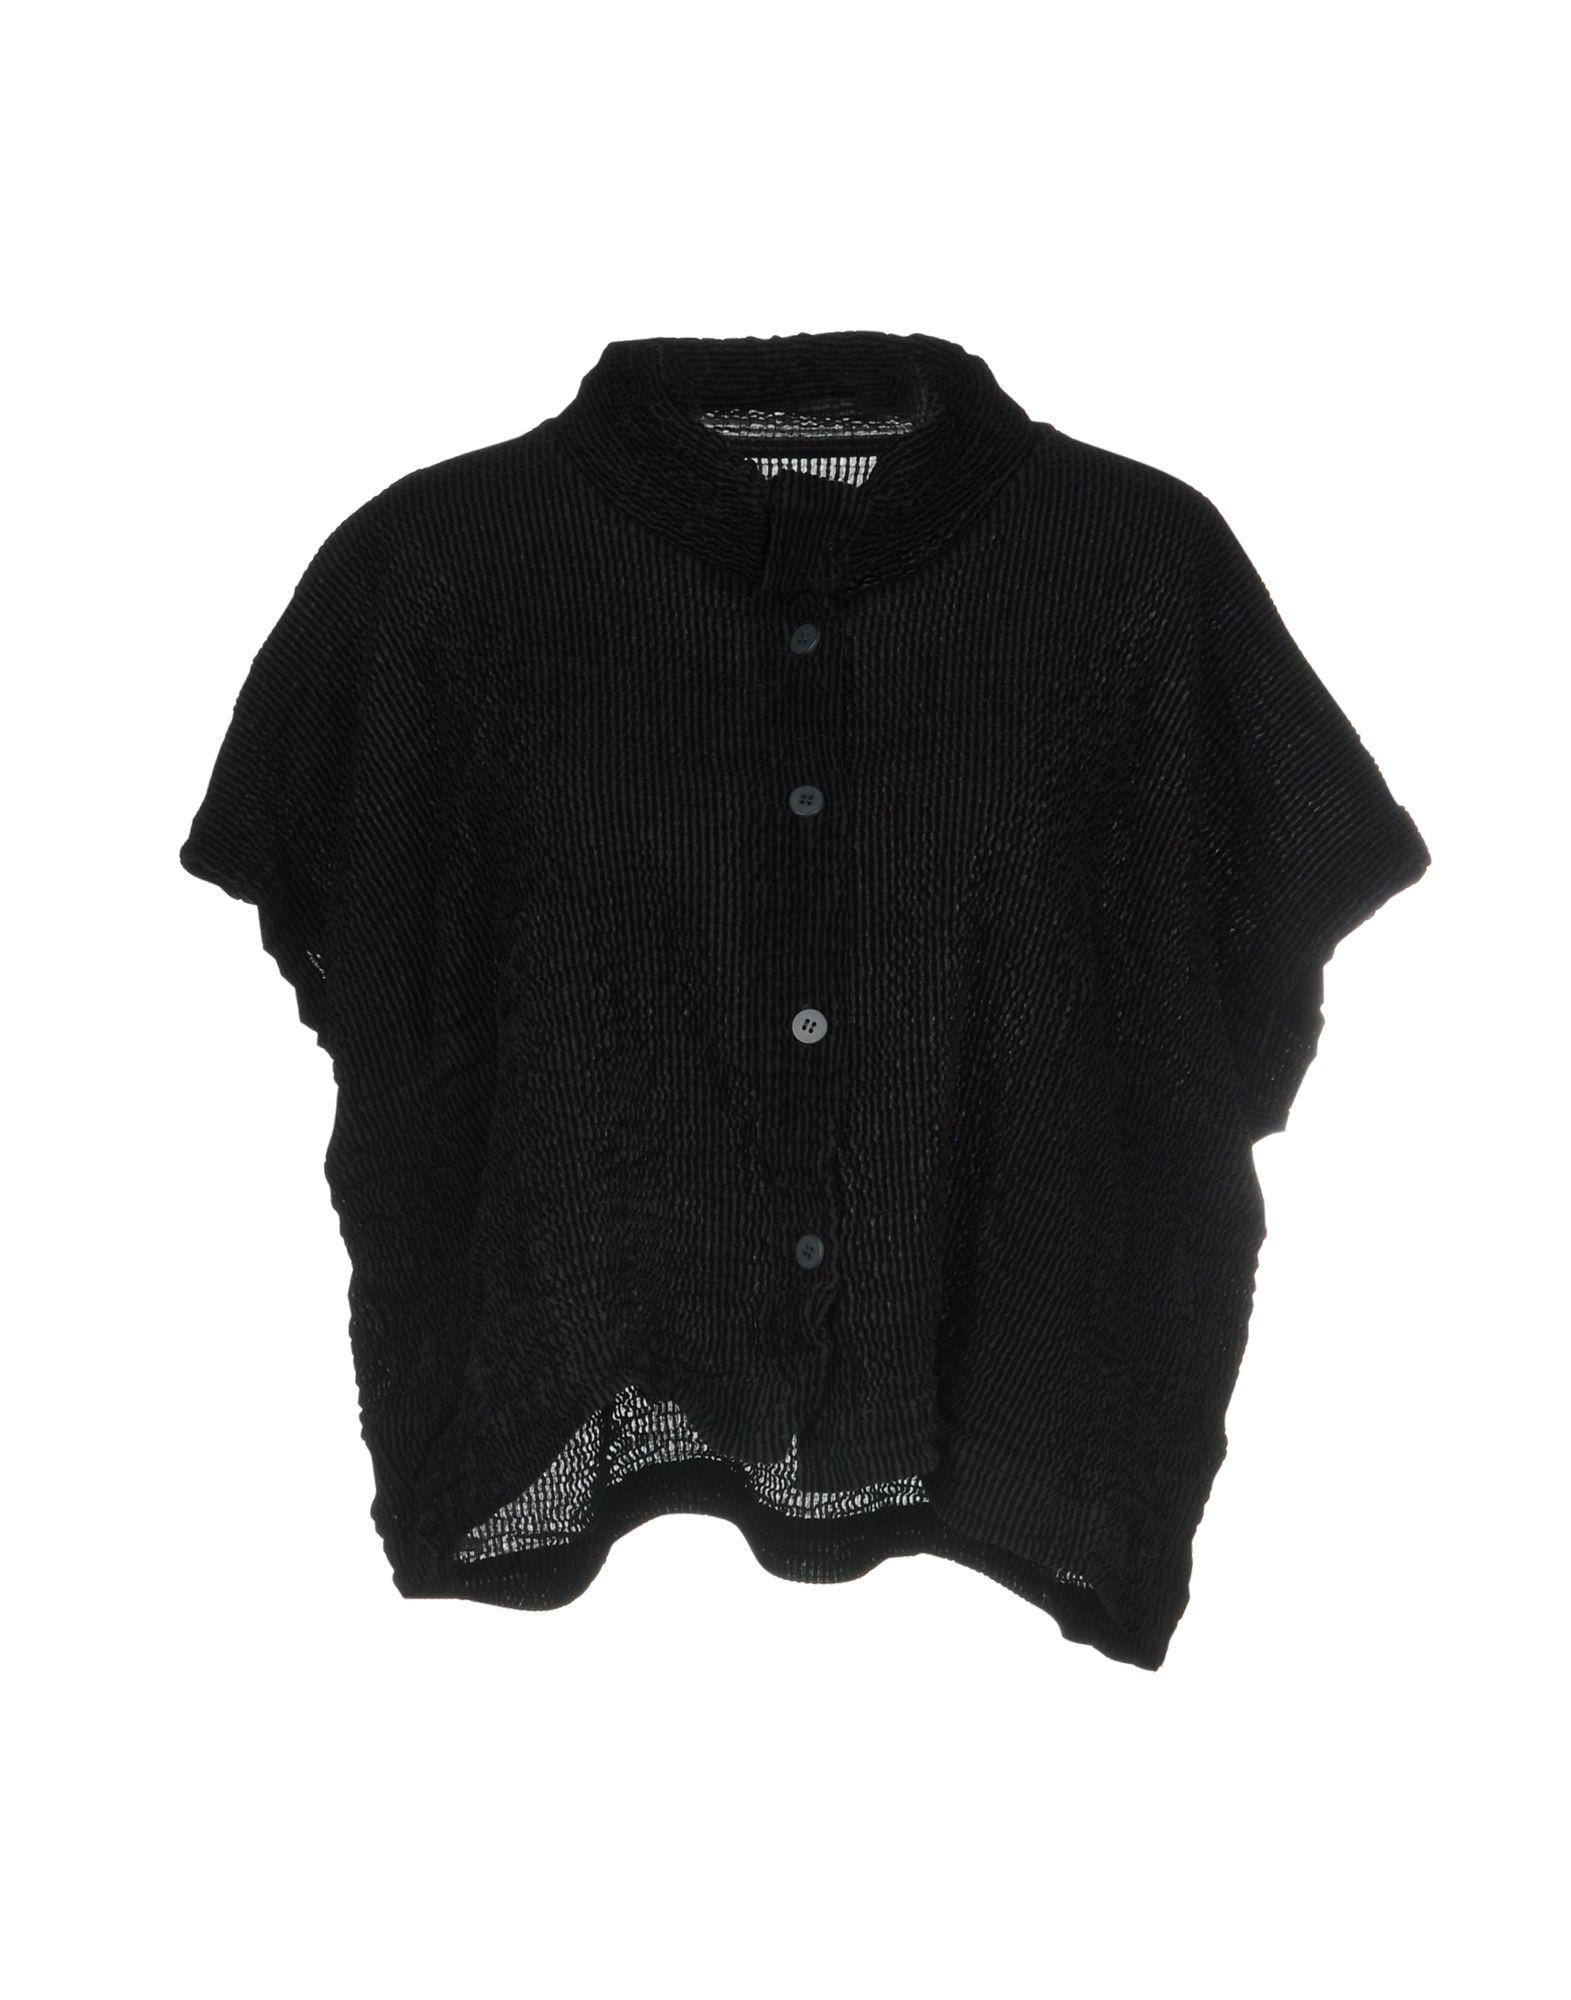 ISSEY MIYAKE CAULIFLOWER Shirts in Black